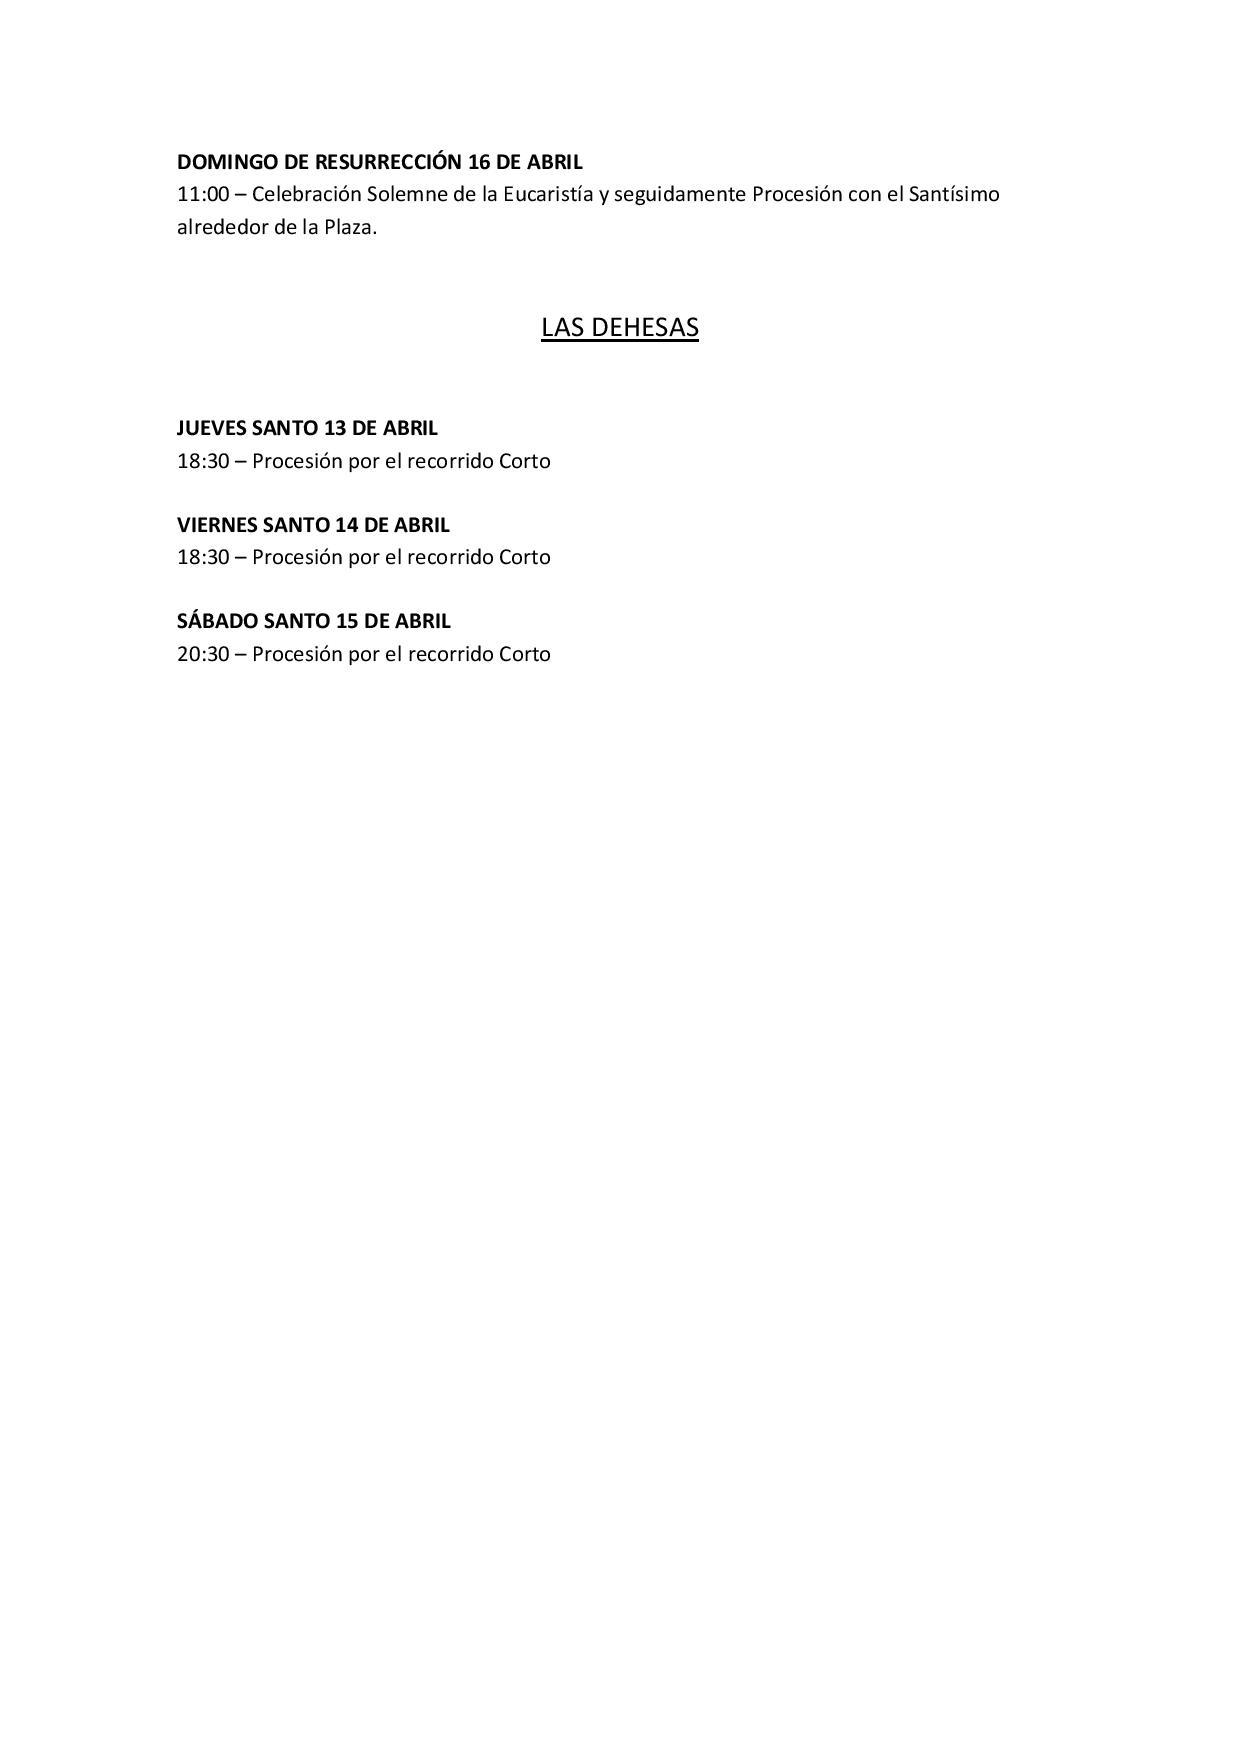 ACTOS-DE-SEMANA-SANTA-page-005